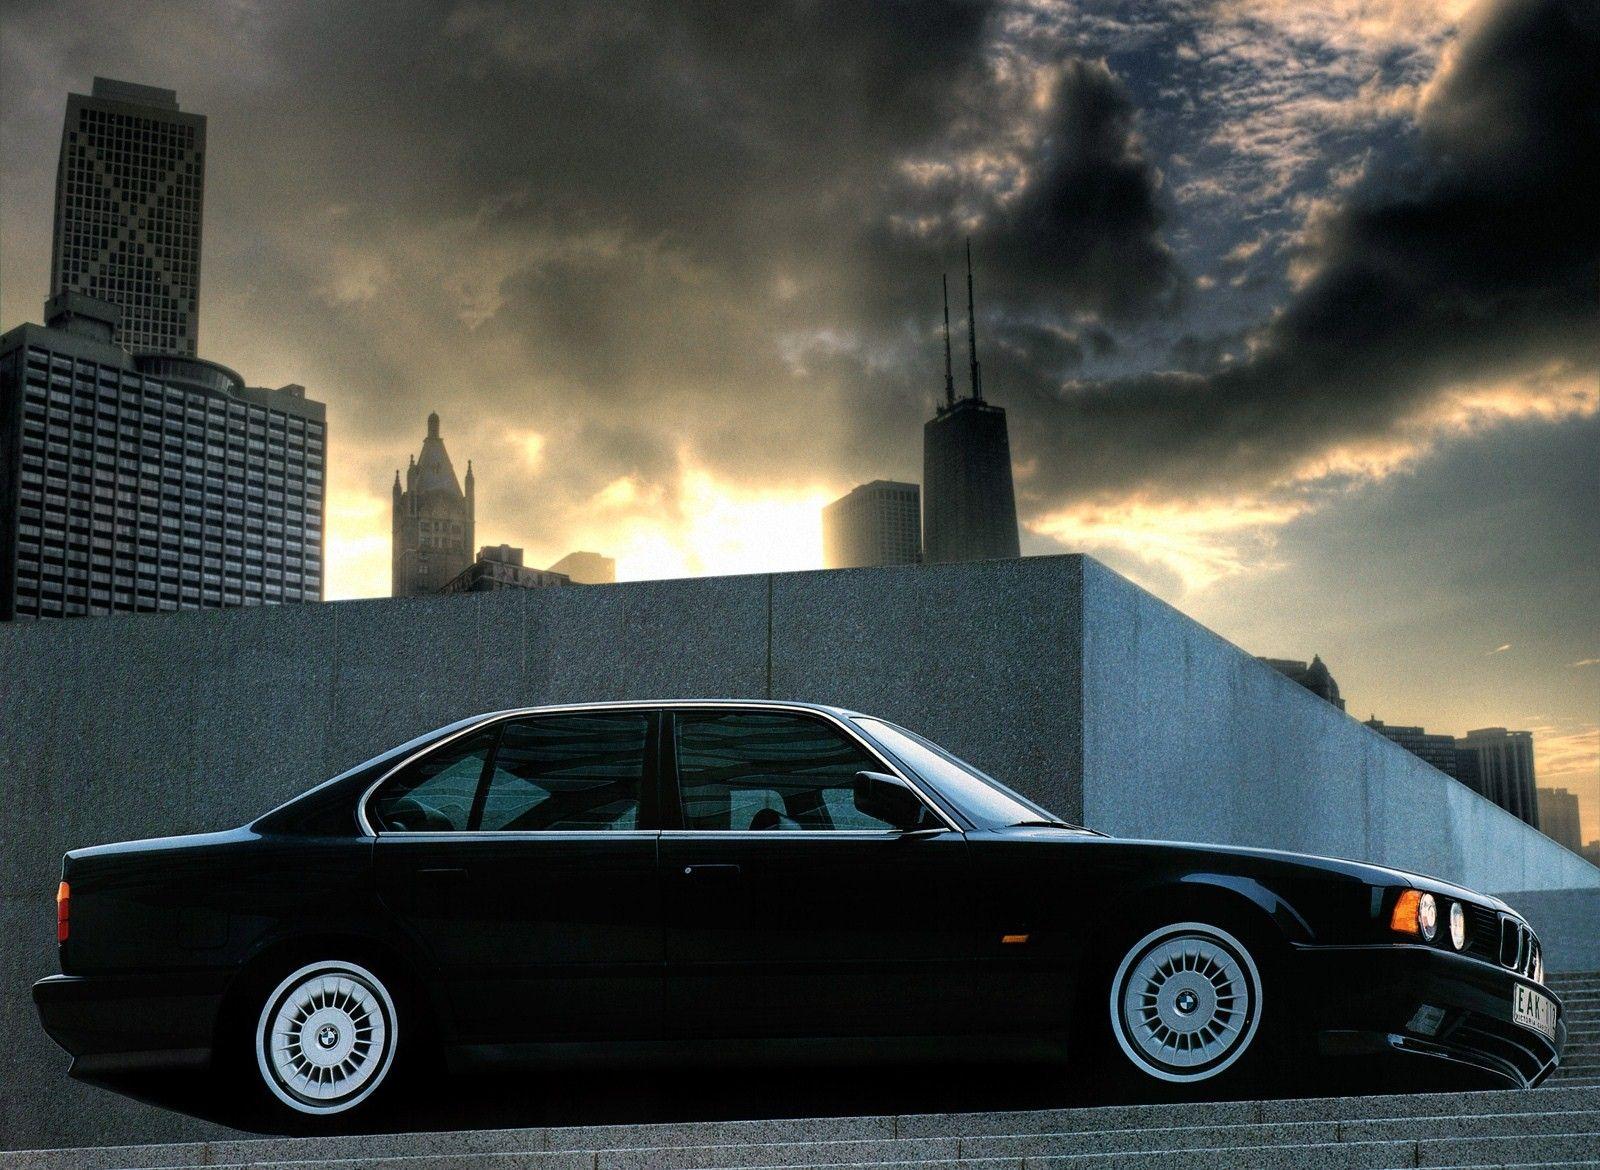 E34 BMW M5 | BMW 5-series | Bmw, Bmw m5, Bmw classic cars